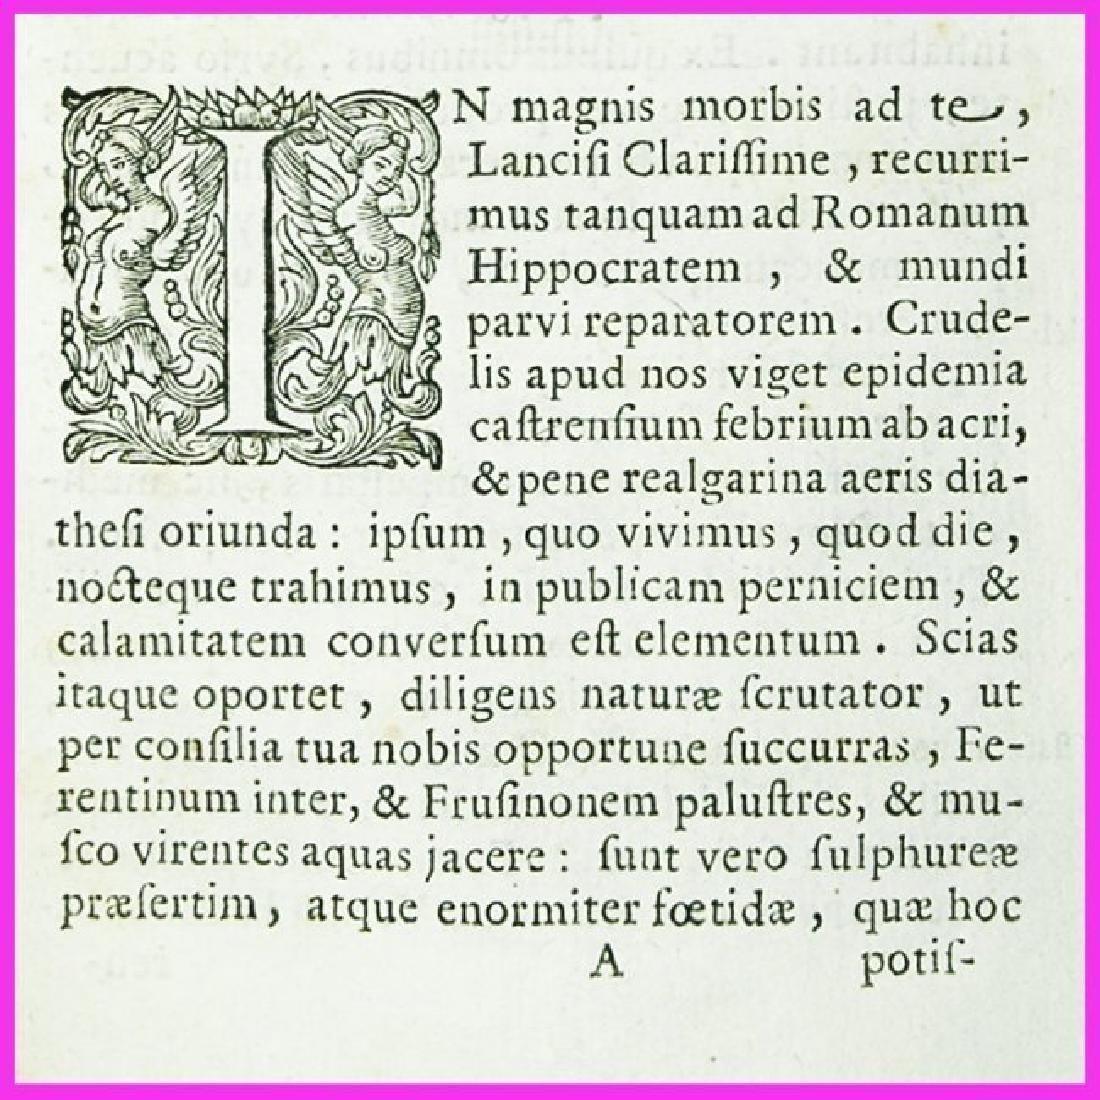 [Medicine, Earthquakes] Cocchi, 1725